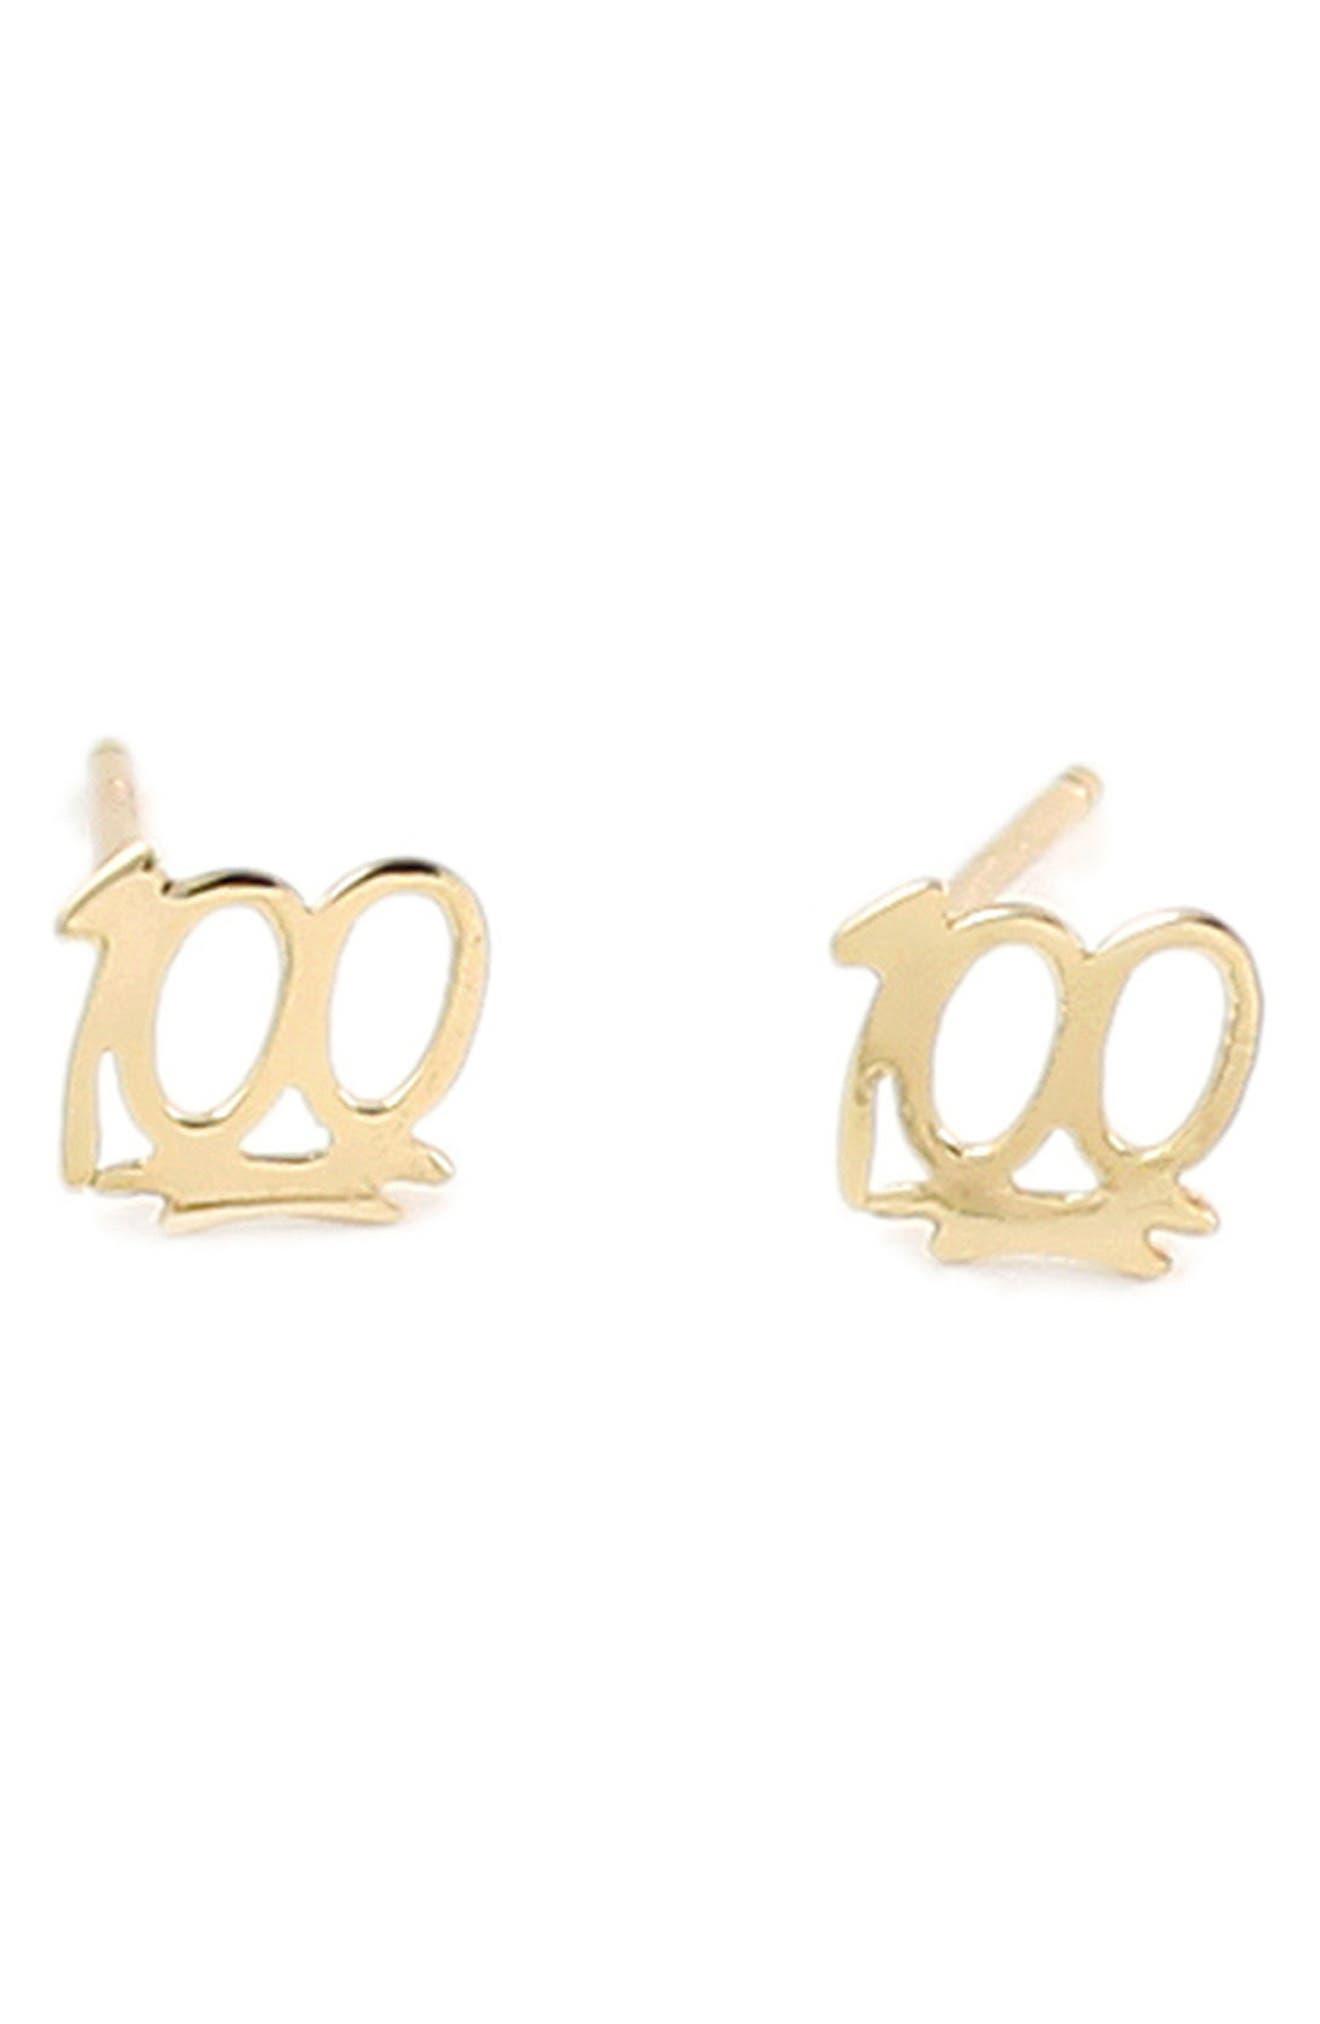 Main Image - Kris Nations 100 Stud Earrings